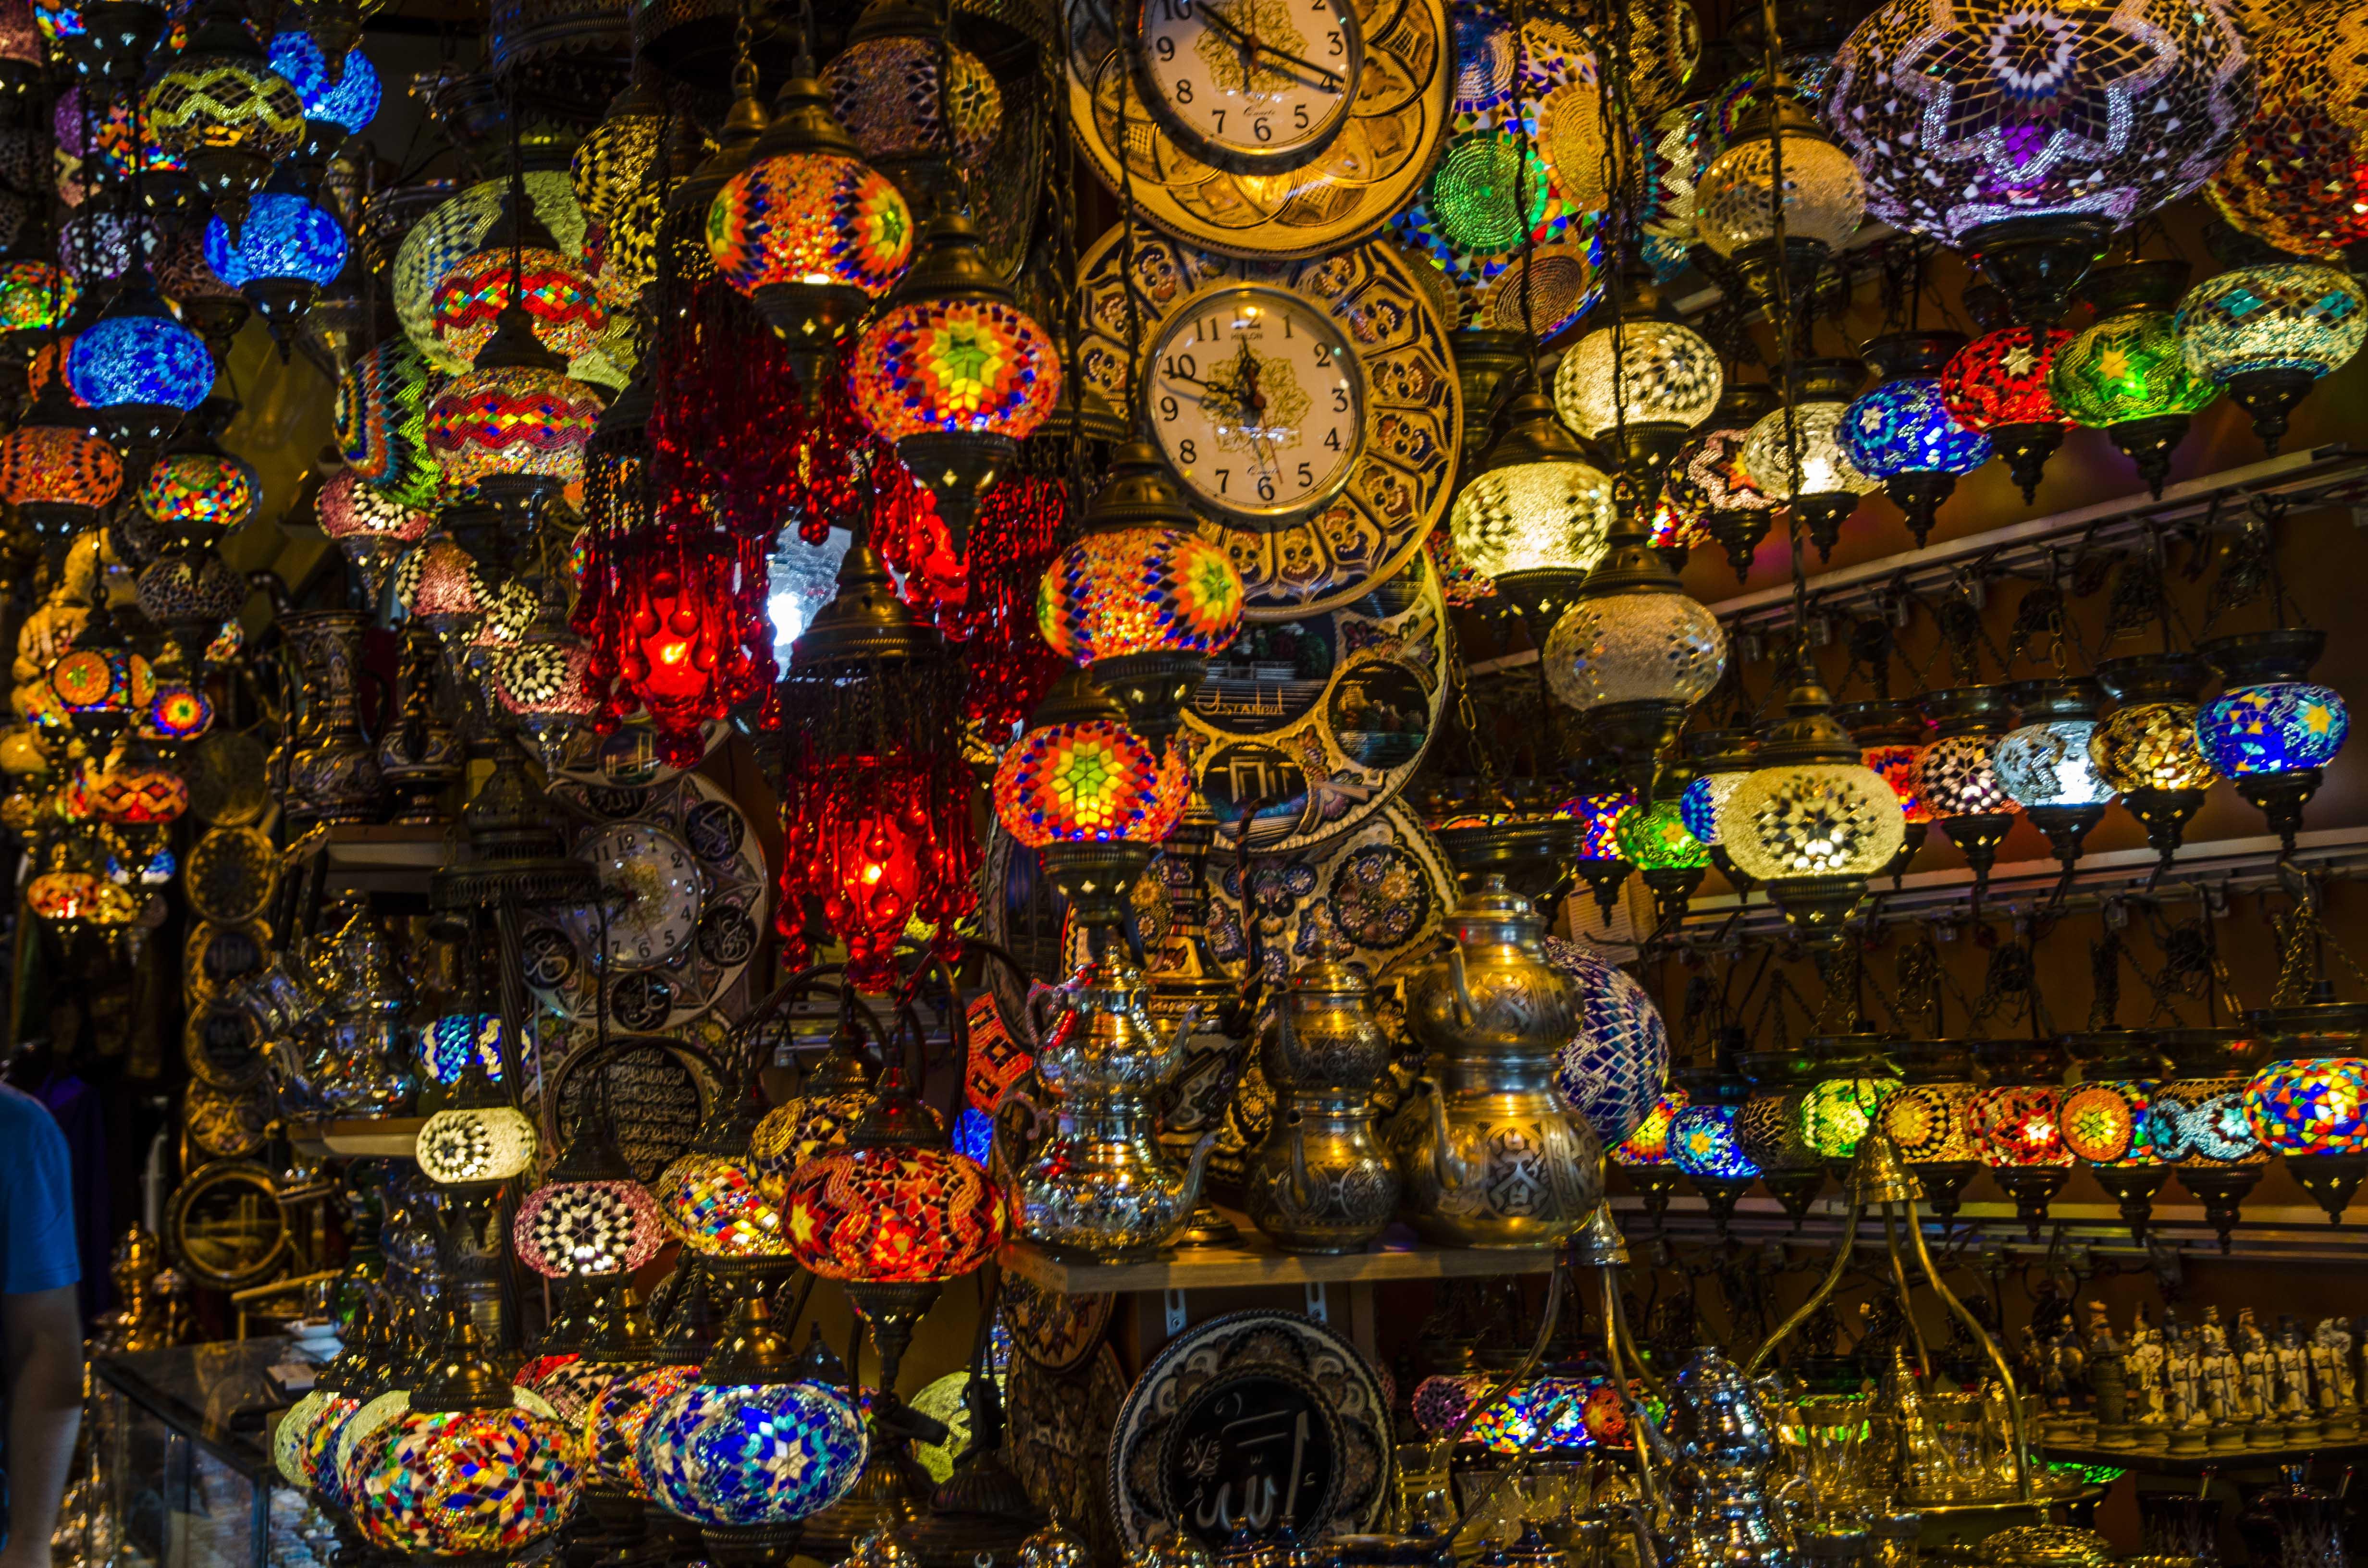 Gran bazar, lamps lamps lamps